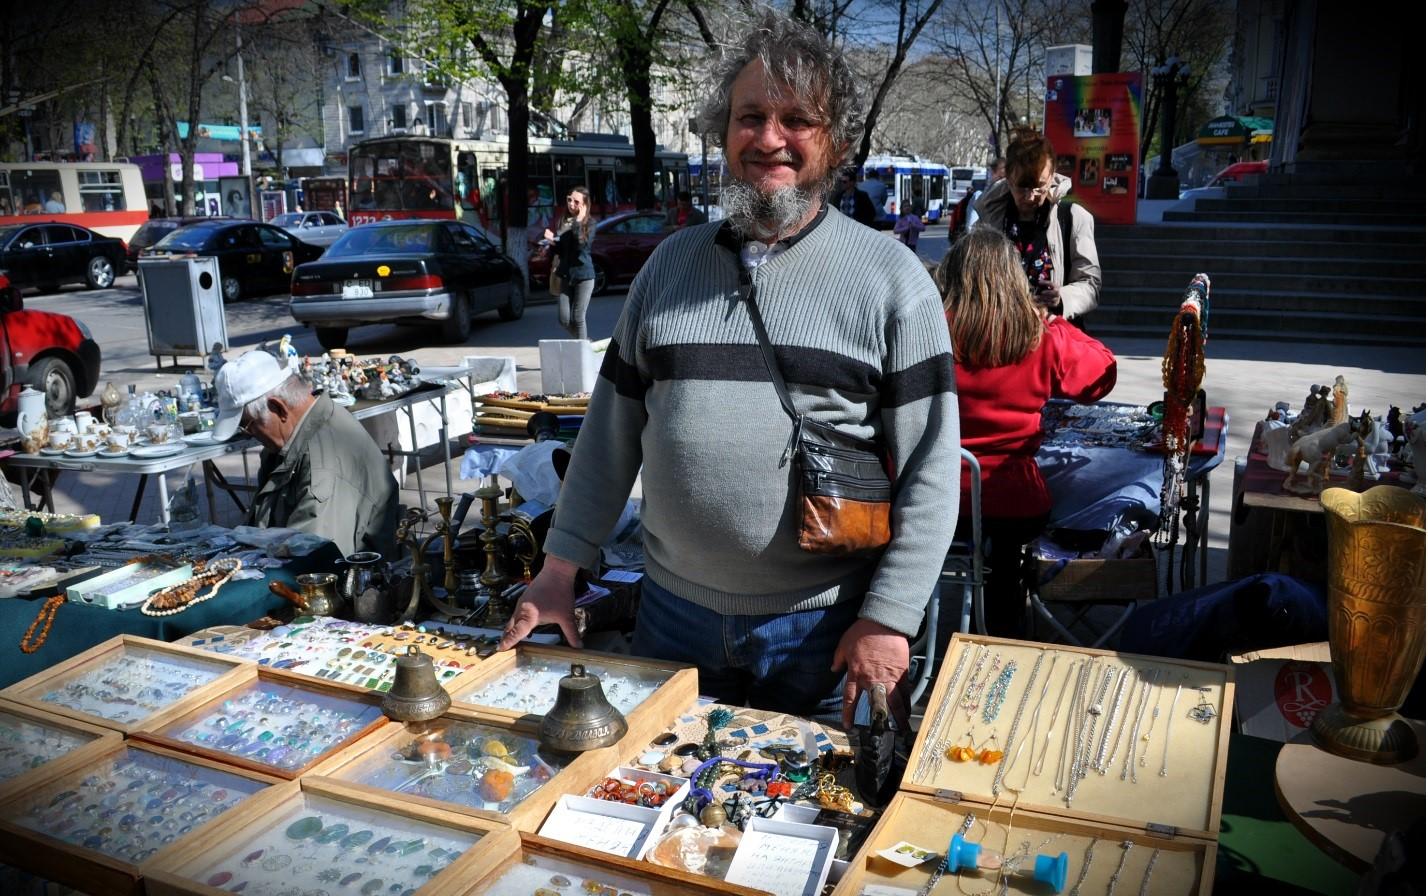 Один из продавцов с удовольствием рассказывает о предметах, находящихся на прилавке